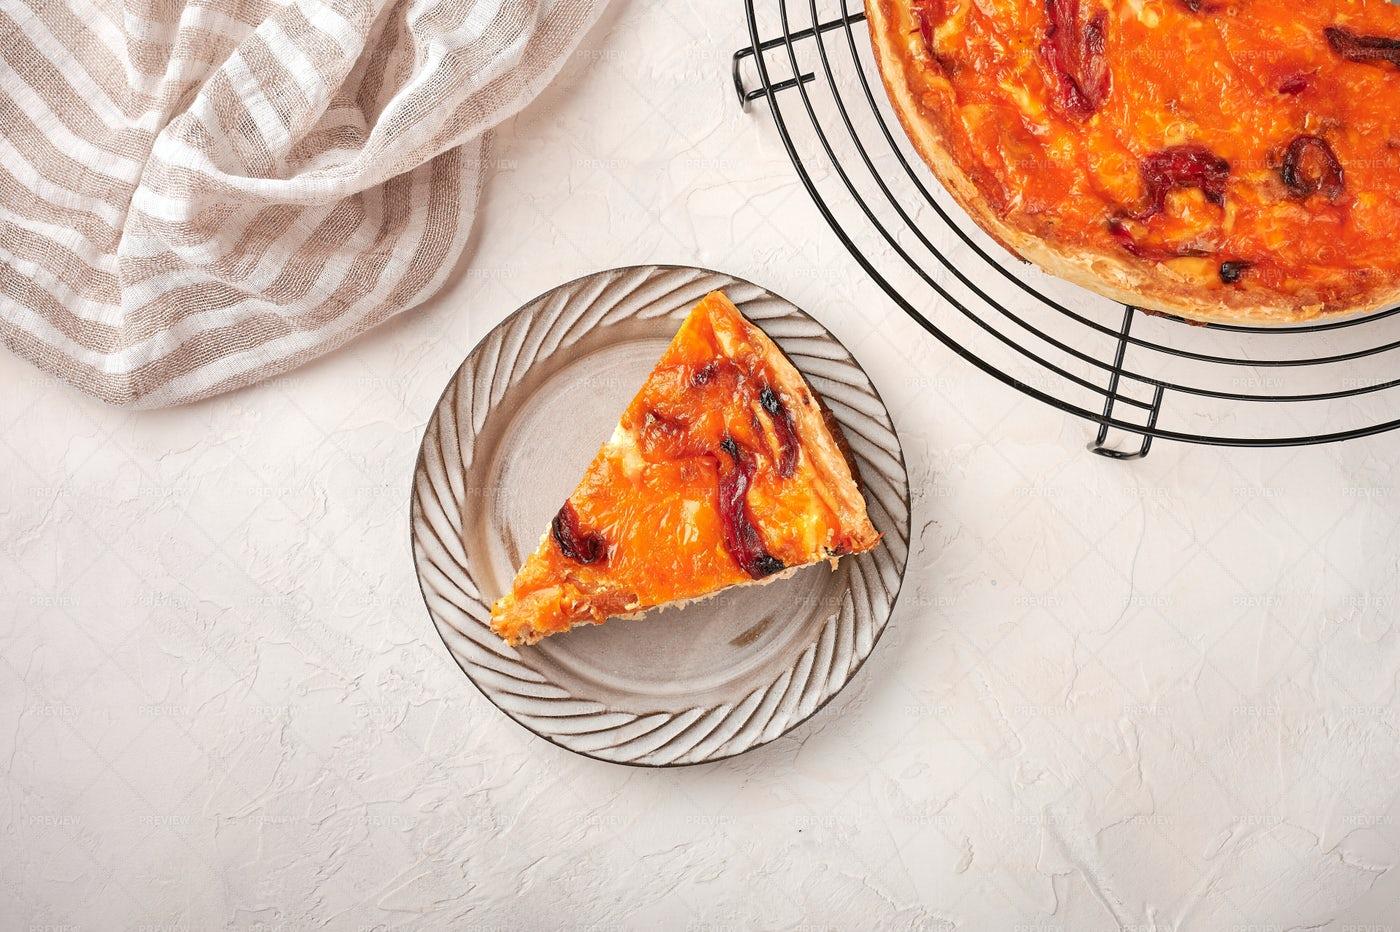 Piece Of Homemade Pie: Stock Photos